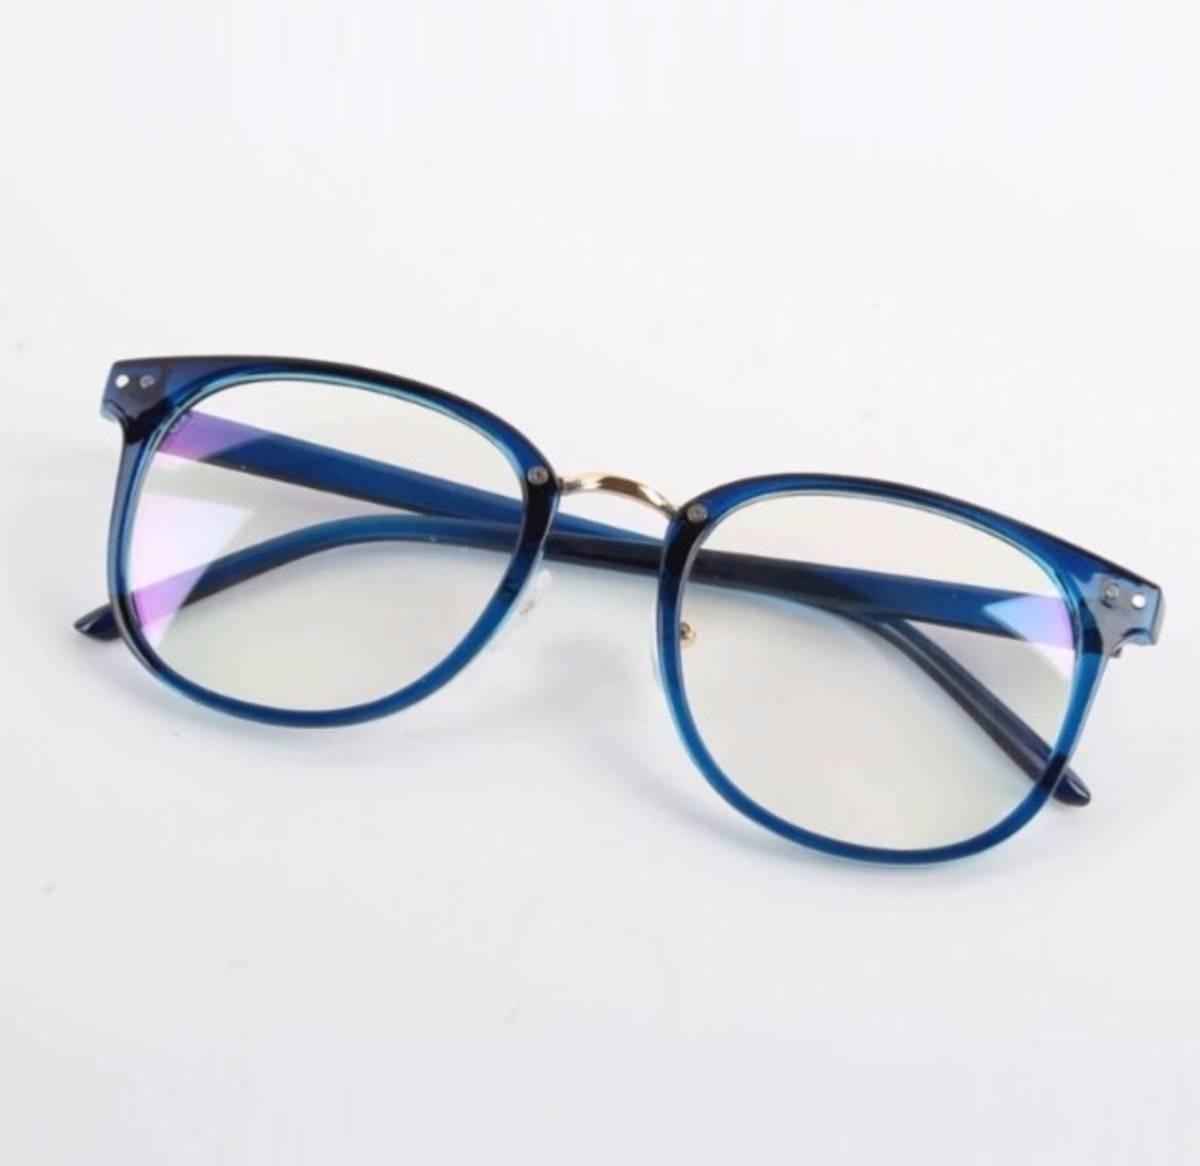 b729147533180 armação óculos de grau feminino grande azul quadrado. Carregando zoom.